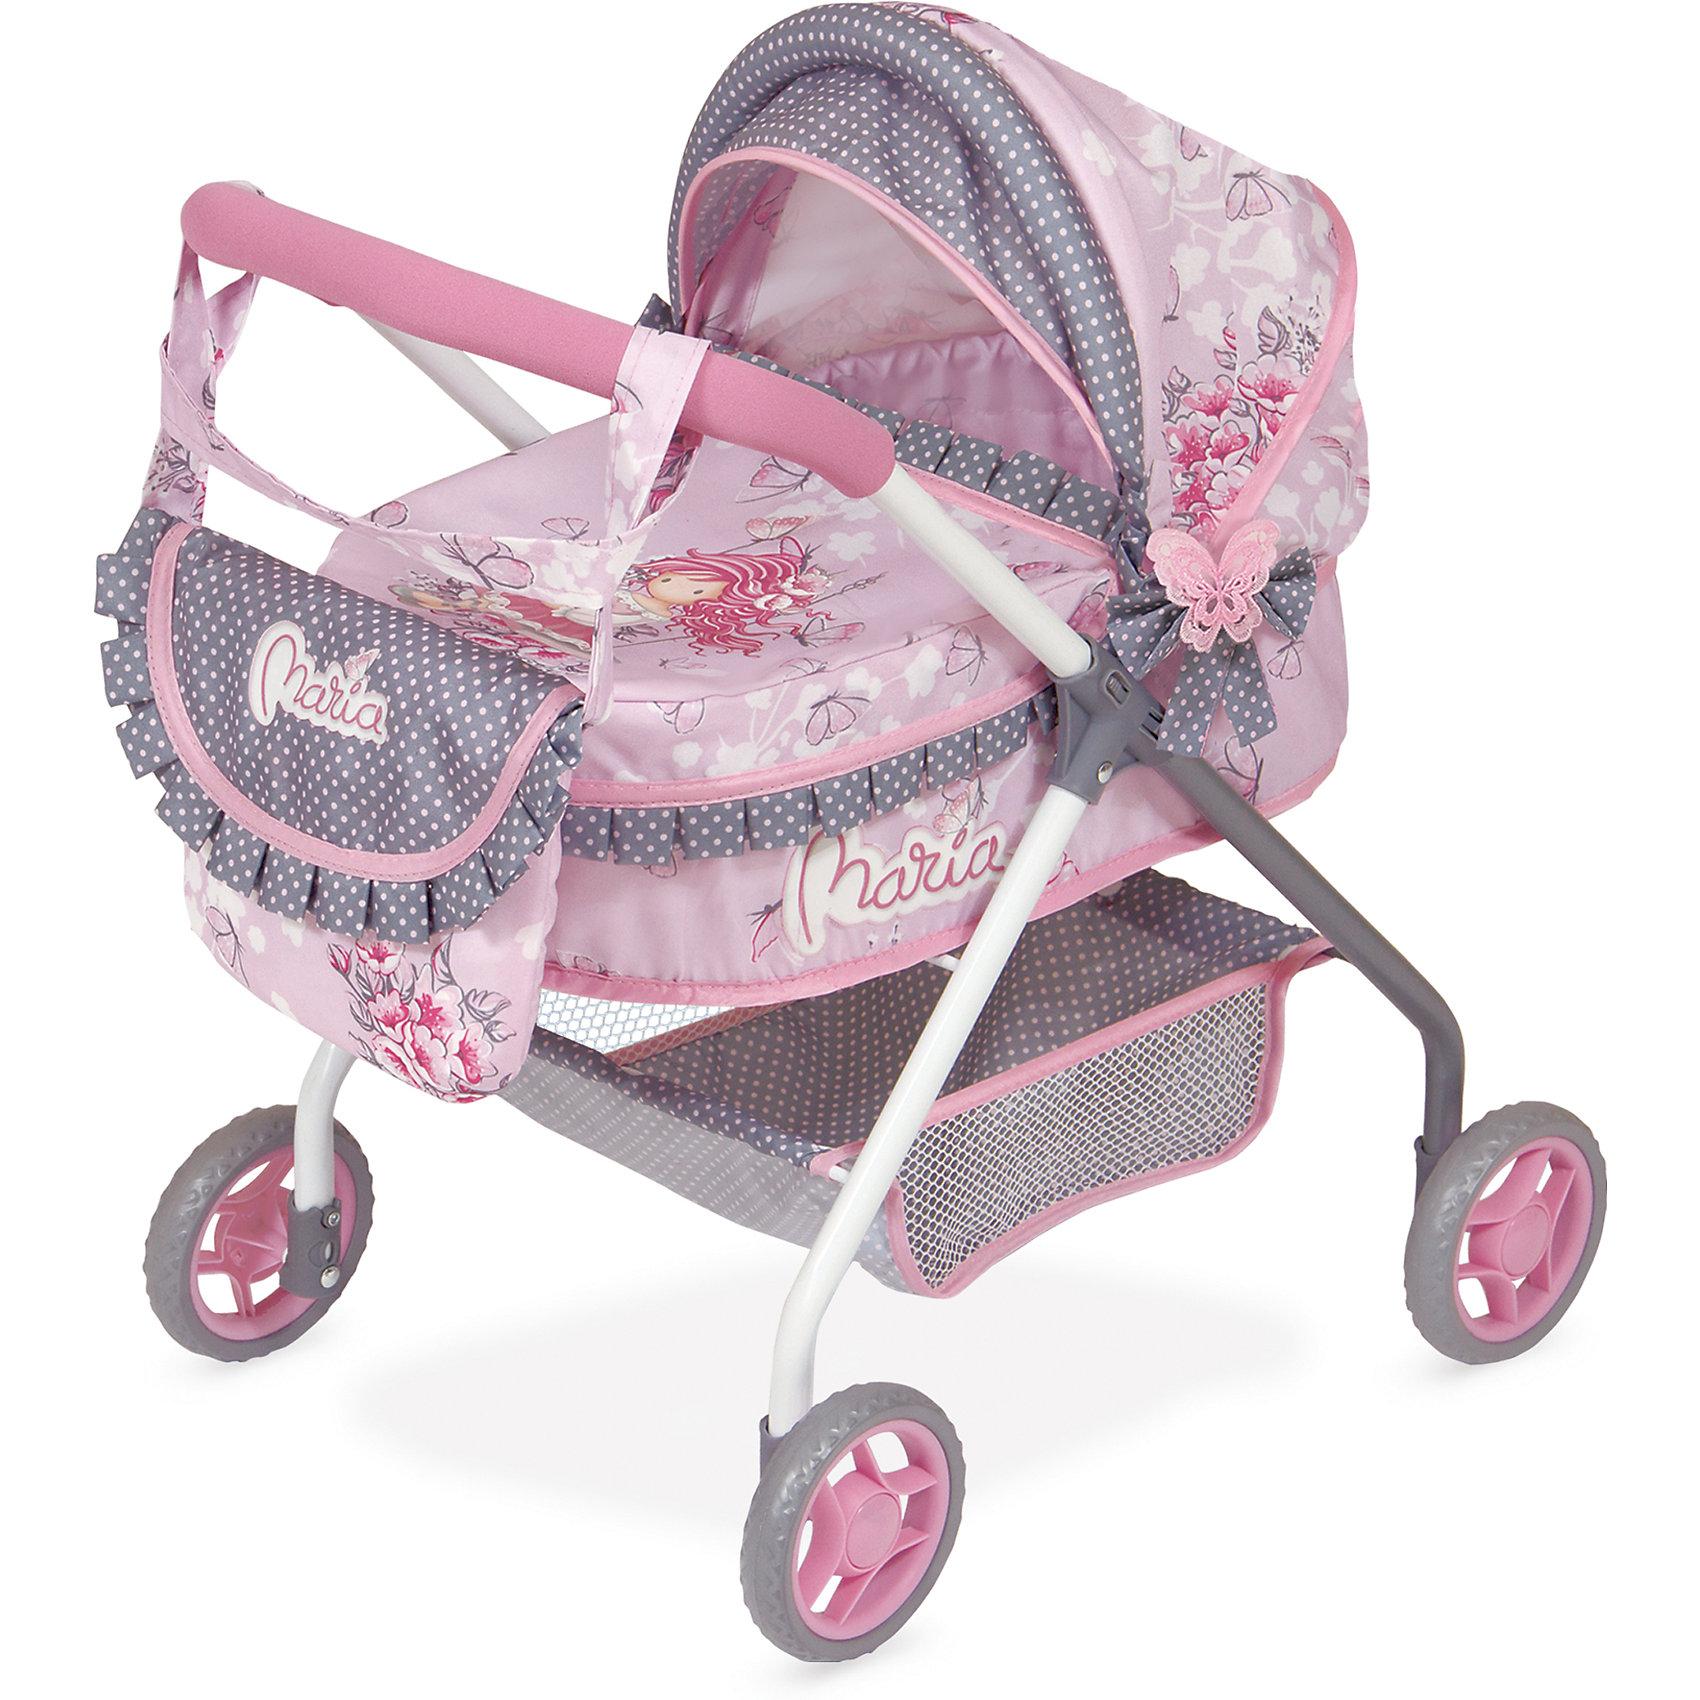 Коляска с сумкой Мария, 56 см, DeCuevasКоляски и транспорт для кукол<br>Коляска для кукол классическая люлька-качалка. Нежно-розового цвеа с рисунком девочки-аниме и оборками, сумочкой на ручку и подушкой. У коляски прорезиненные колеса, металлический каркас, удобная сетка внизу для вещей<br><br>Ширина мм: 350<br>Глубина мм: 510<br>Высота мм: 560<br>Вес г: 2725<br>Возраст от месяцев: 36<br>Возраст до месяцев: 2147483647<br>Пол: Женский<br>Возраст: Детский<br>SKU: 6876439